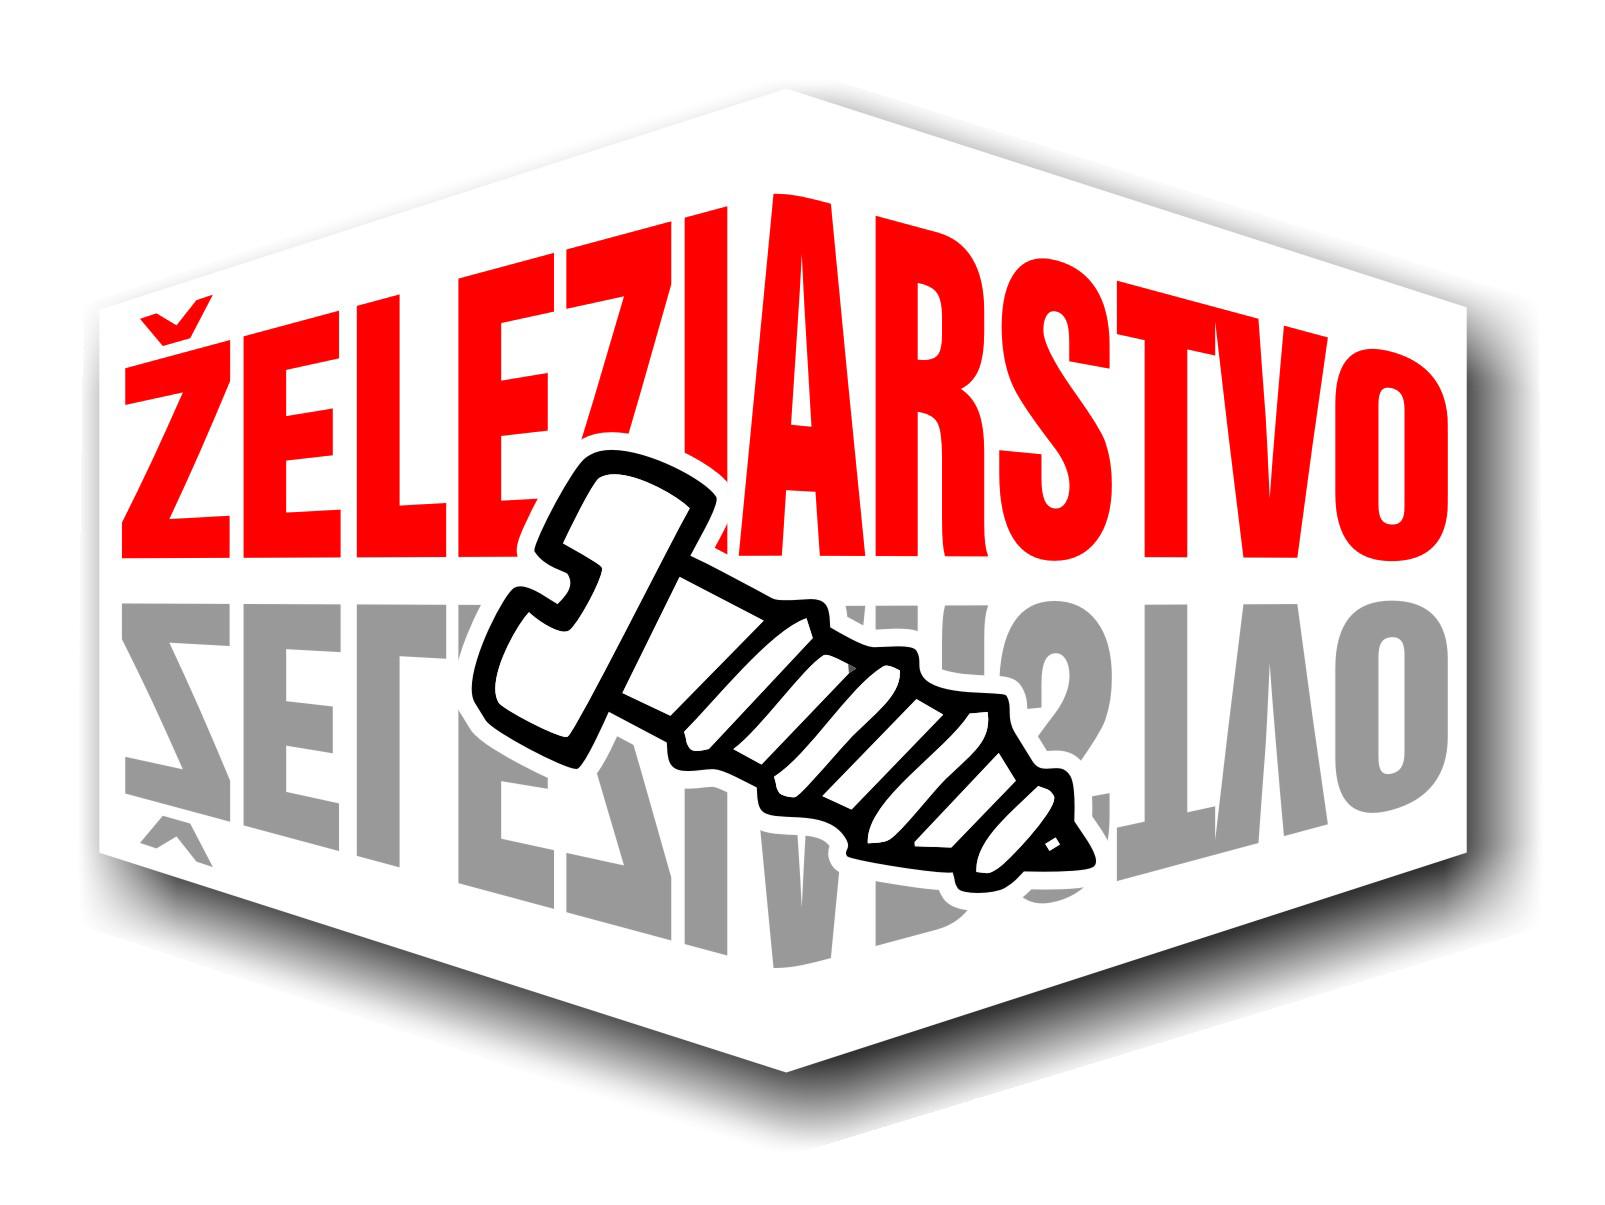 Železiarstvo-eshop.sk